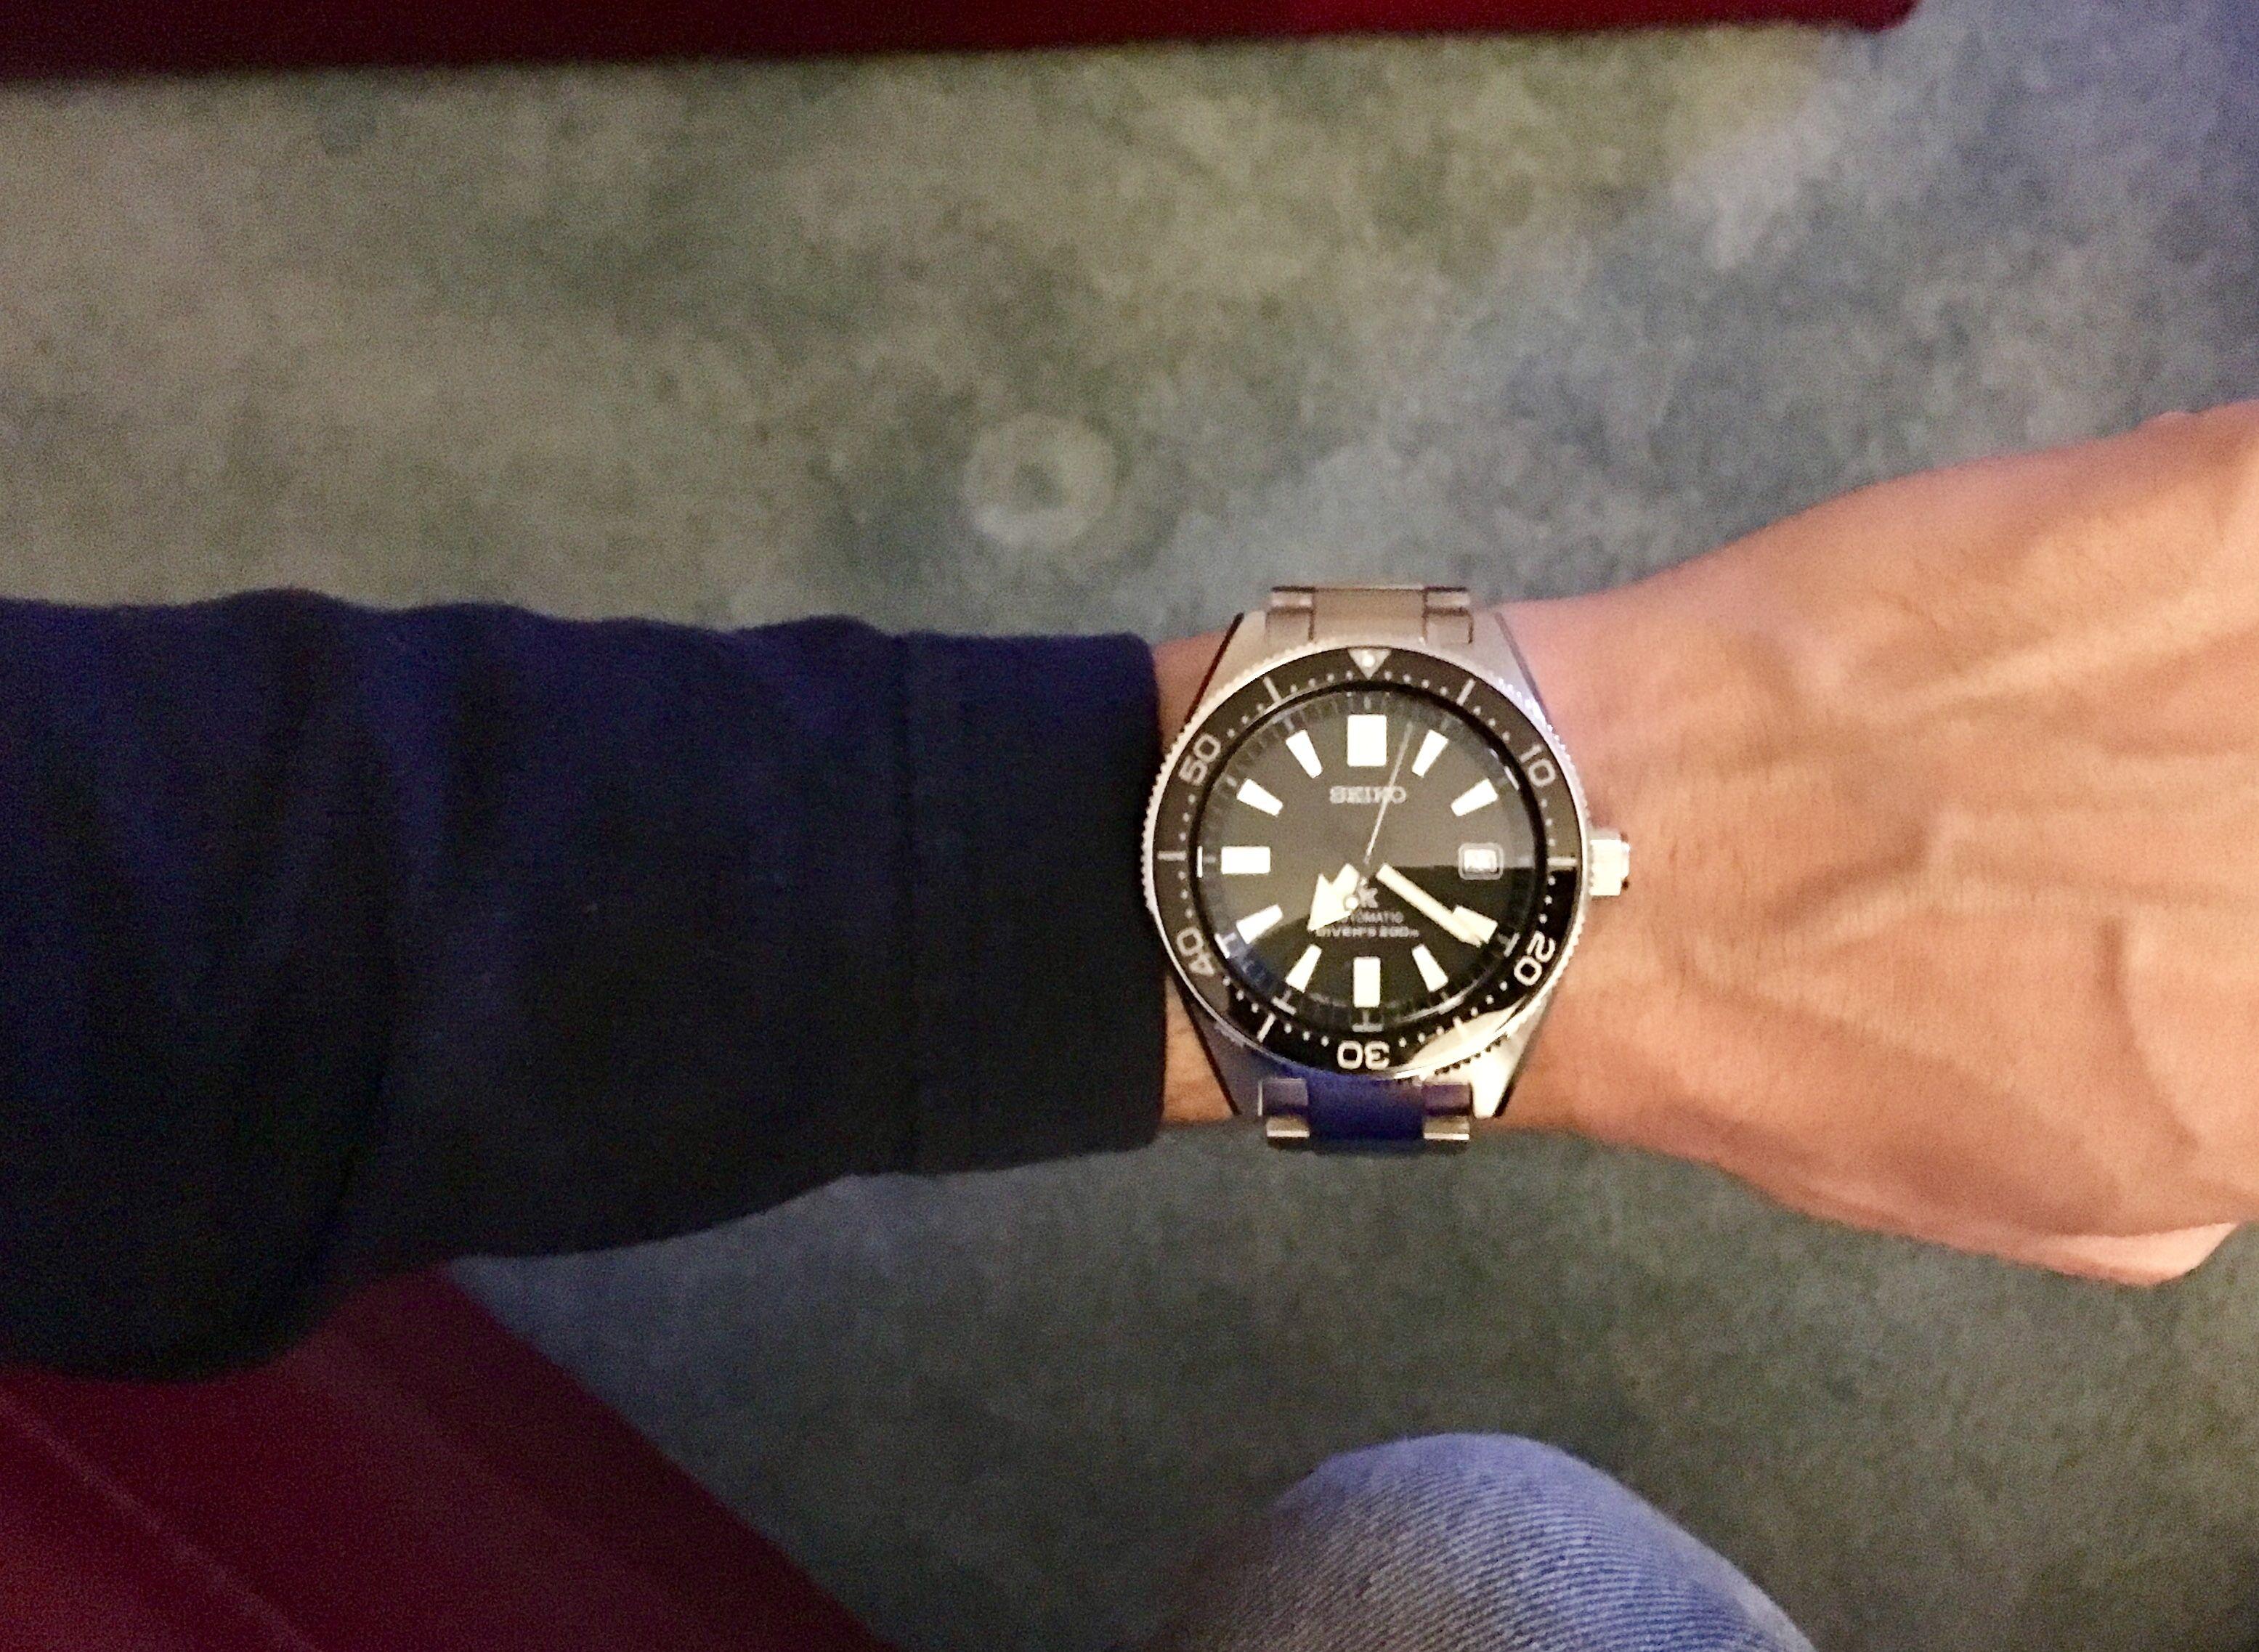 Pin by GetnHempd on Men's Watches | Seiko watches, Watches, Seiko